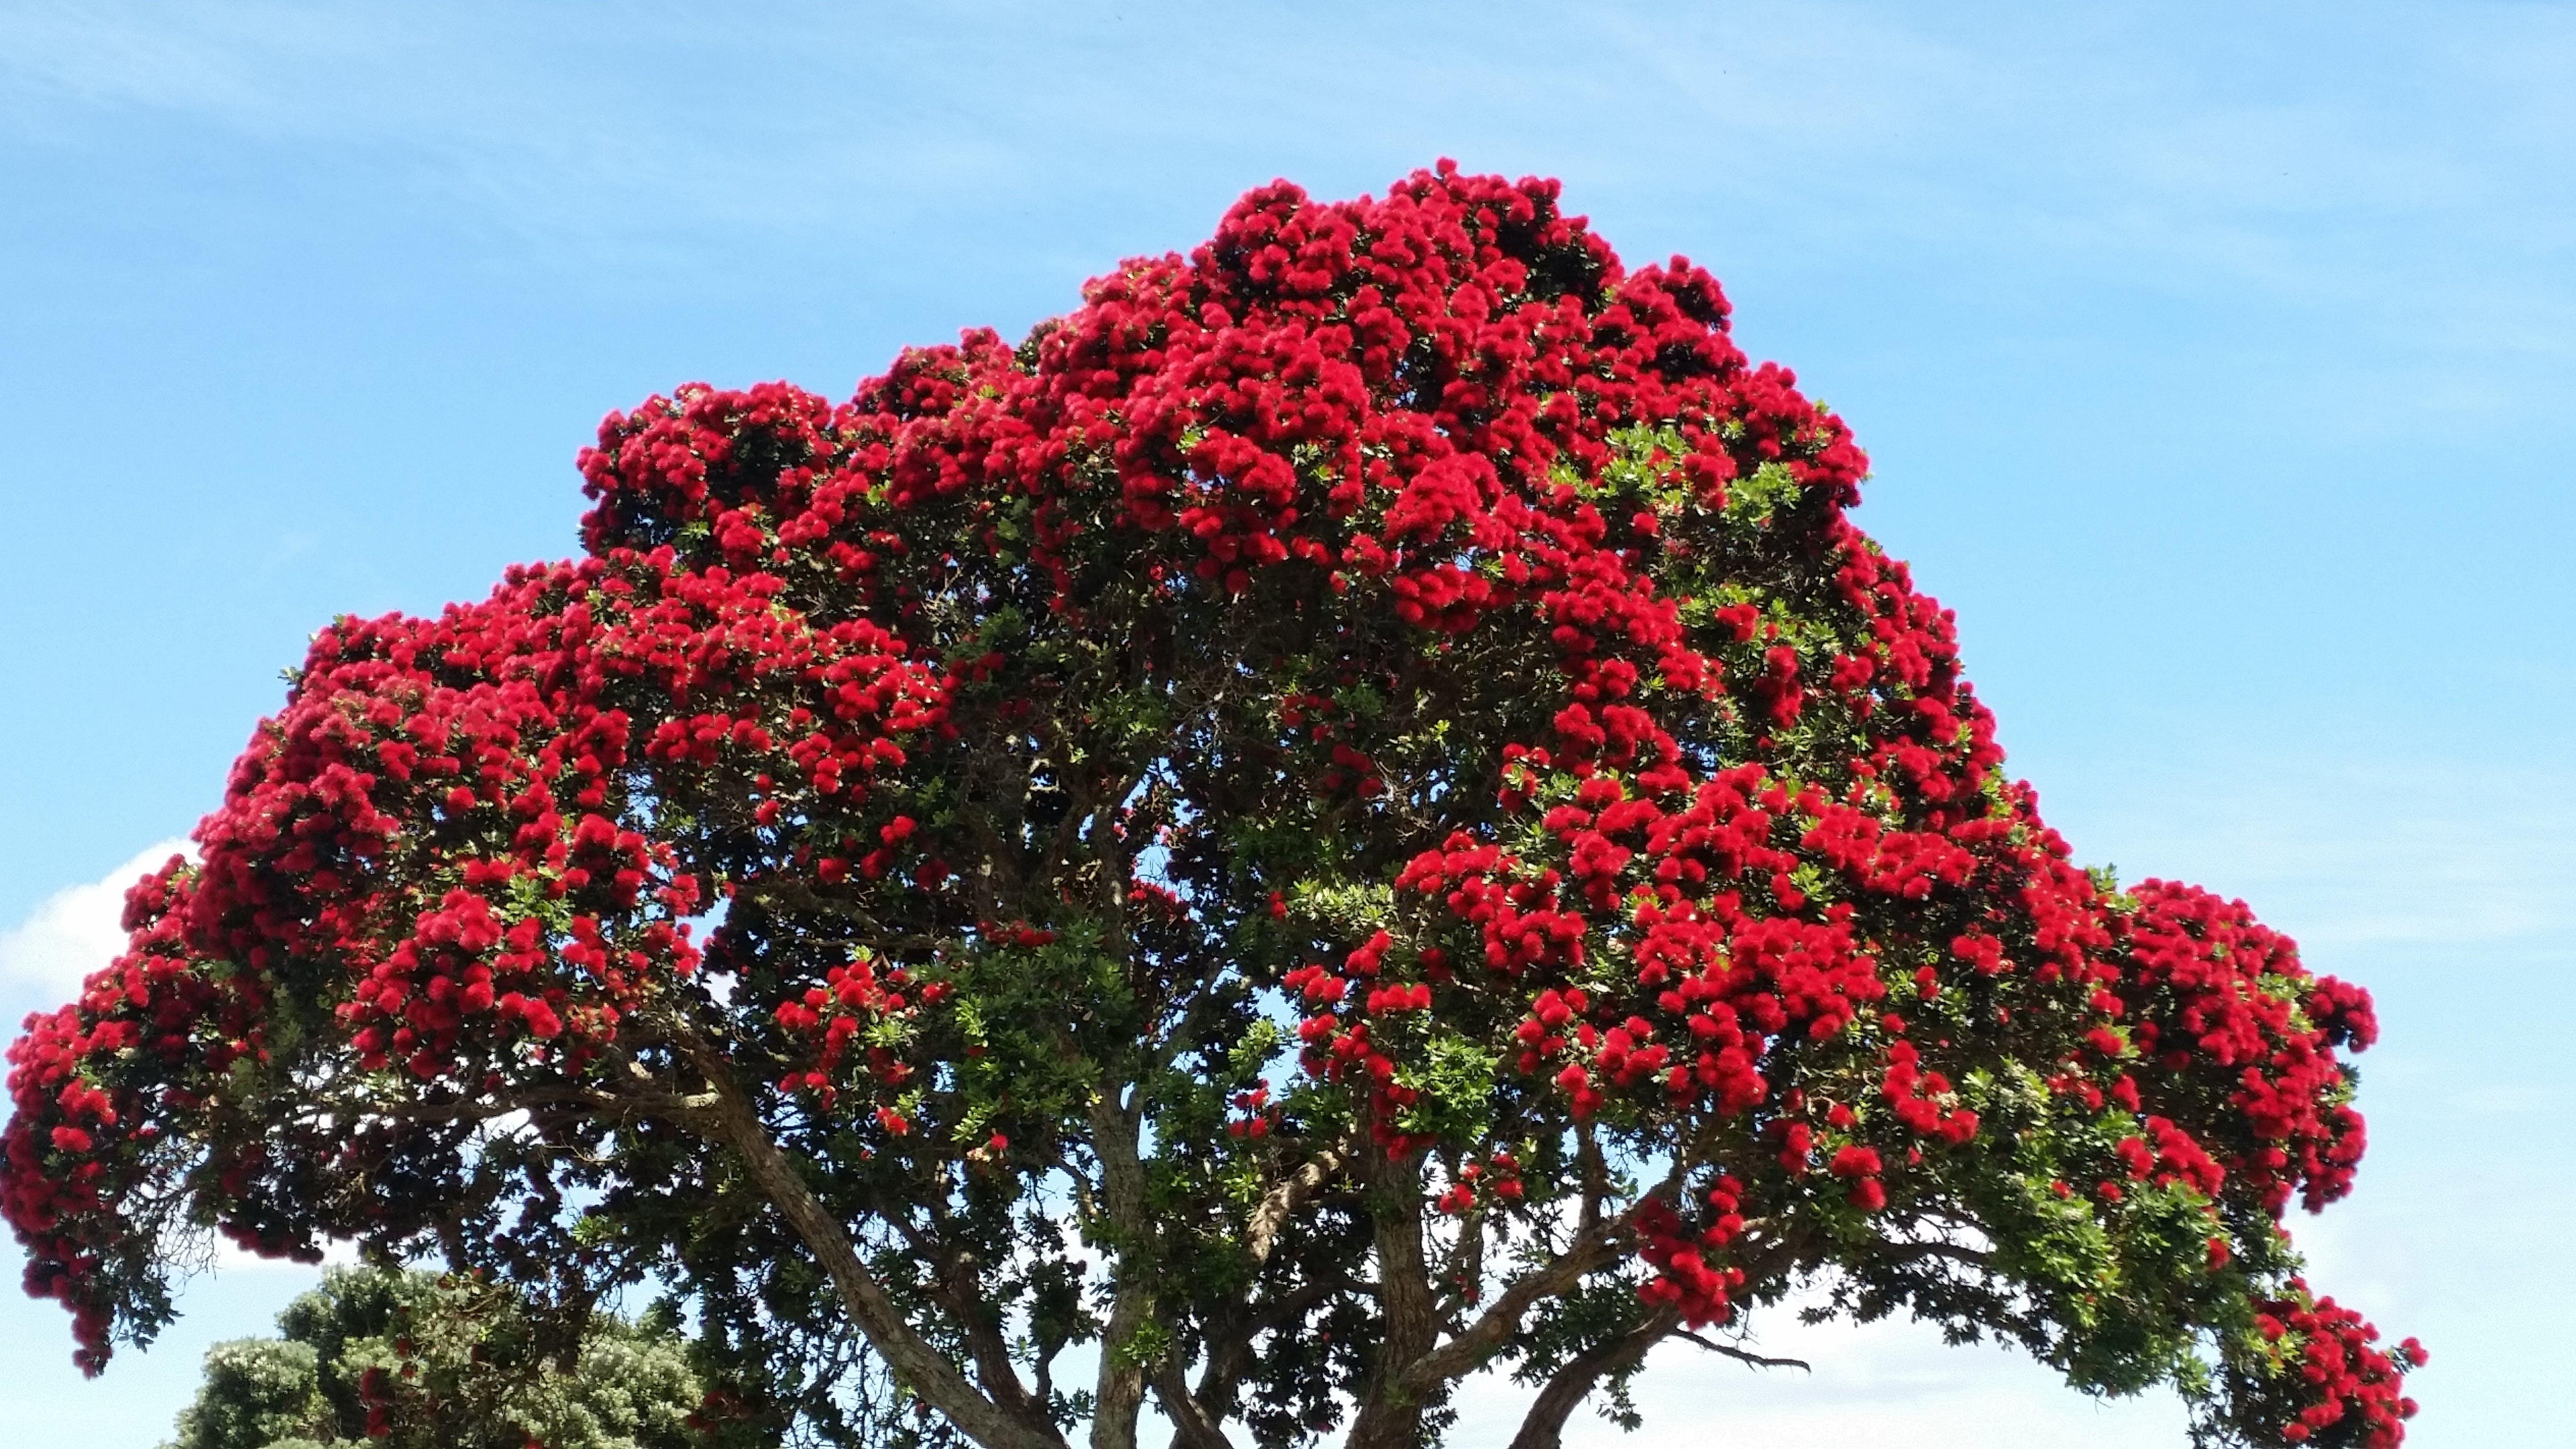 Darmowe zdjęcie z galerii z czerwony, drzewo, flora, gałęzie